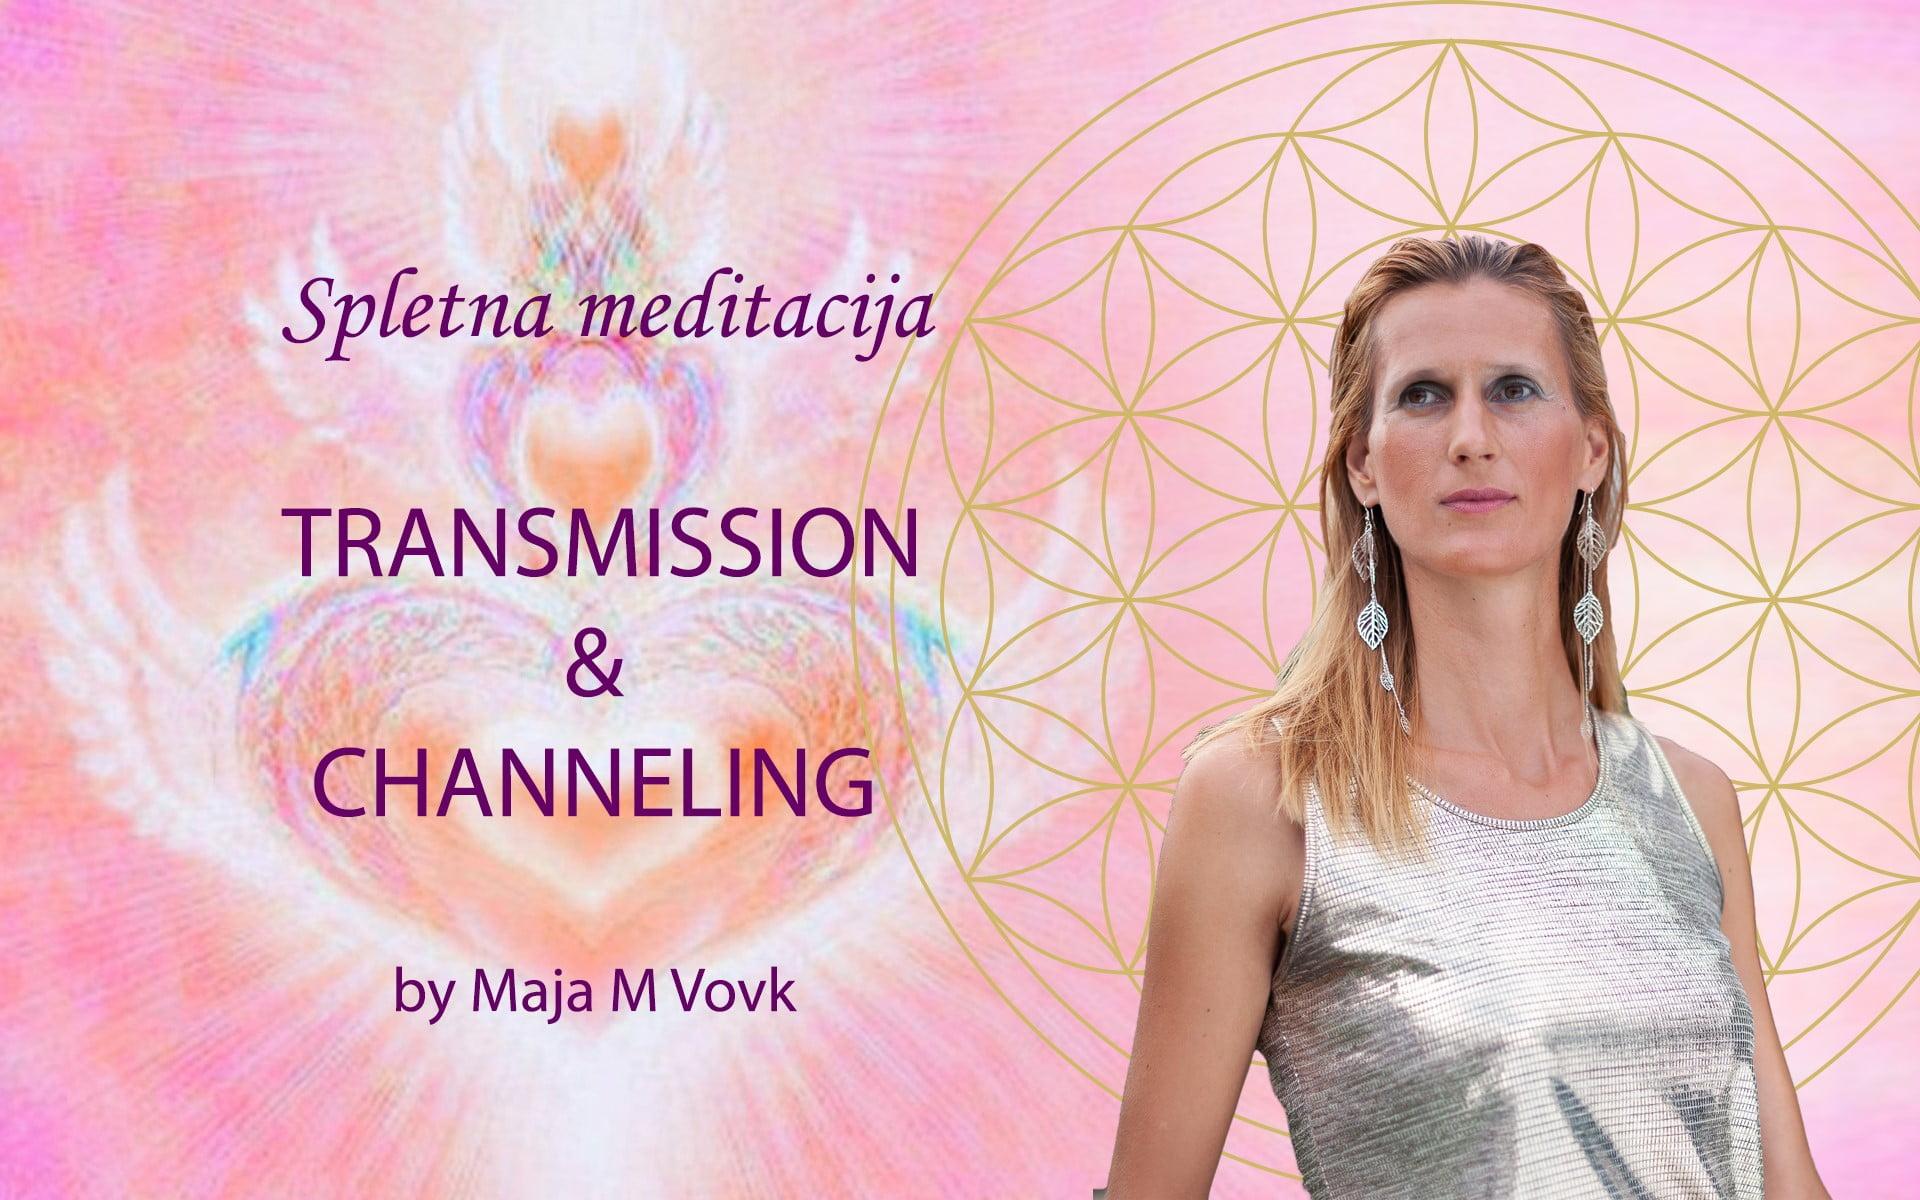 Spletna meditacija: TRANSMISSION & CHANNELING 8